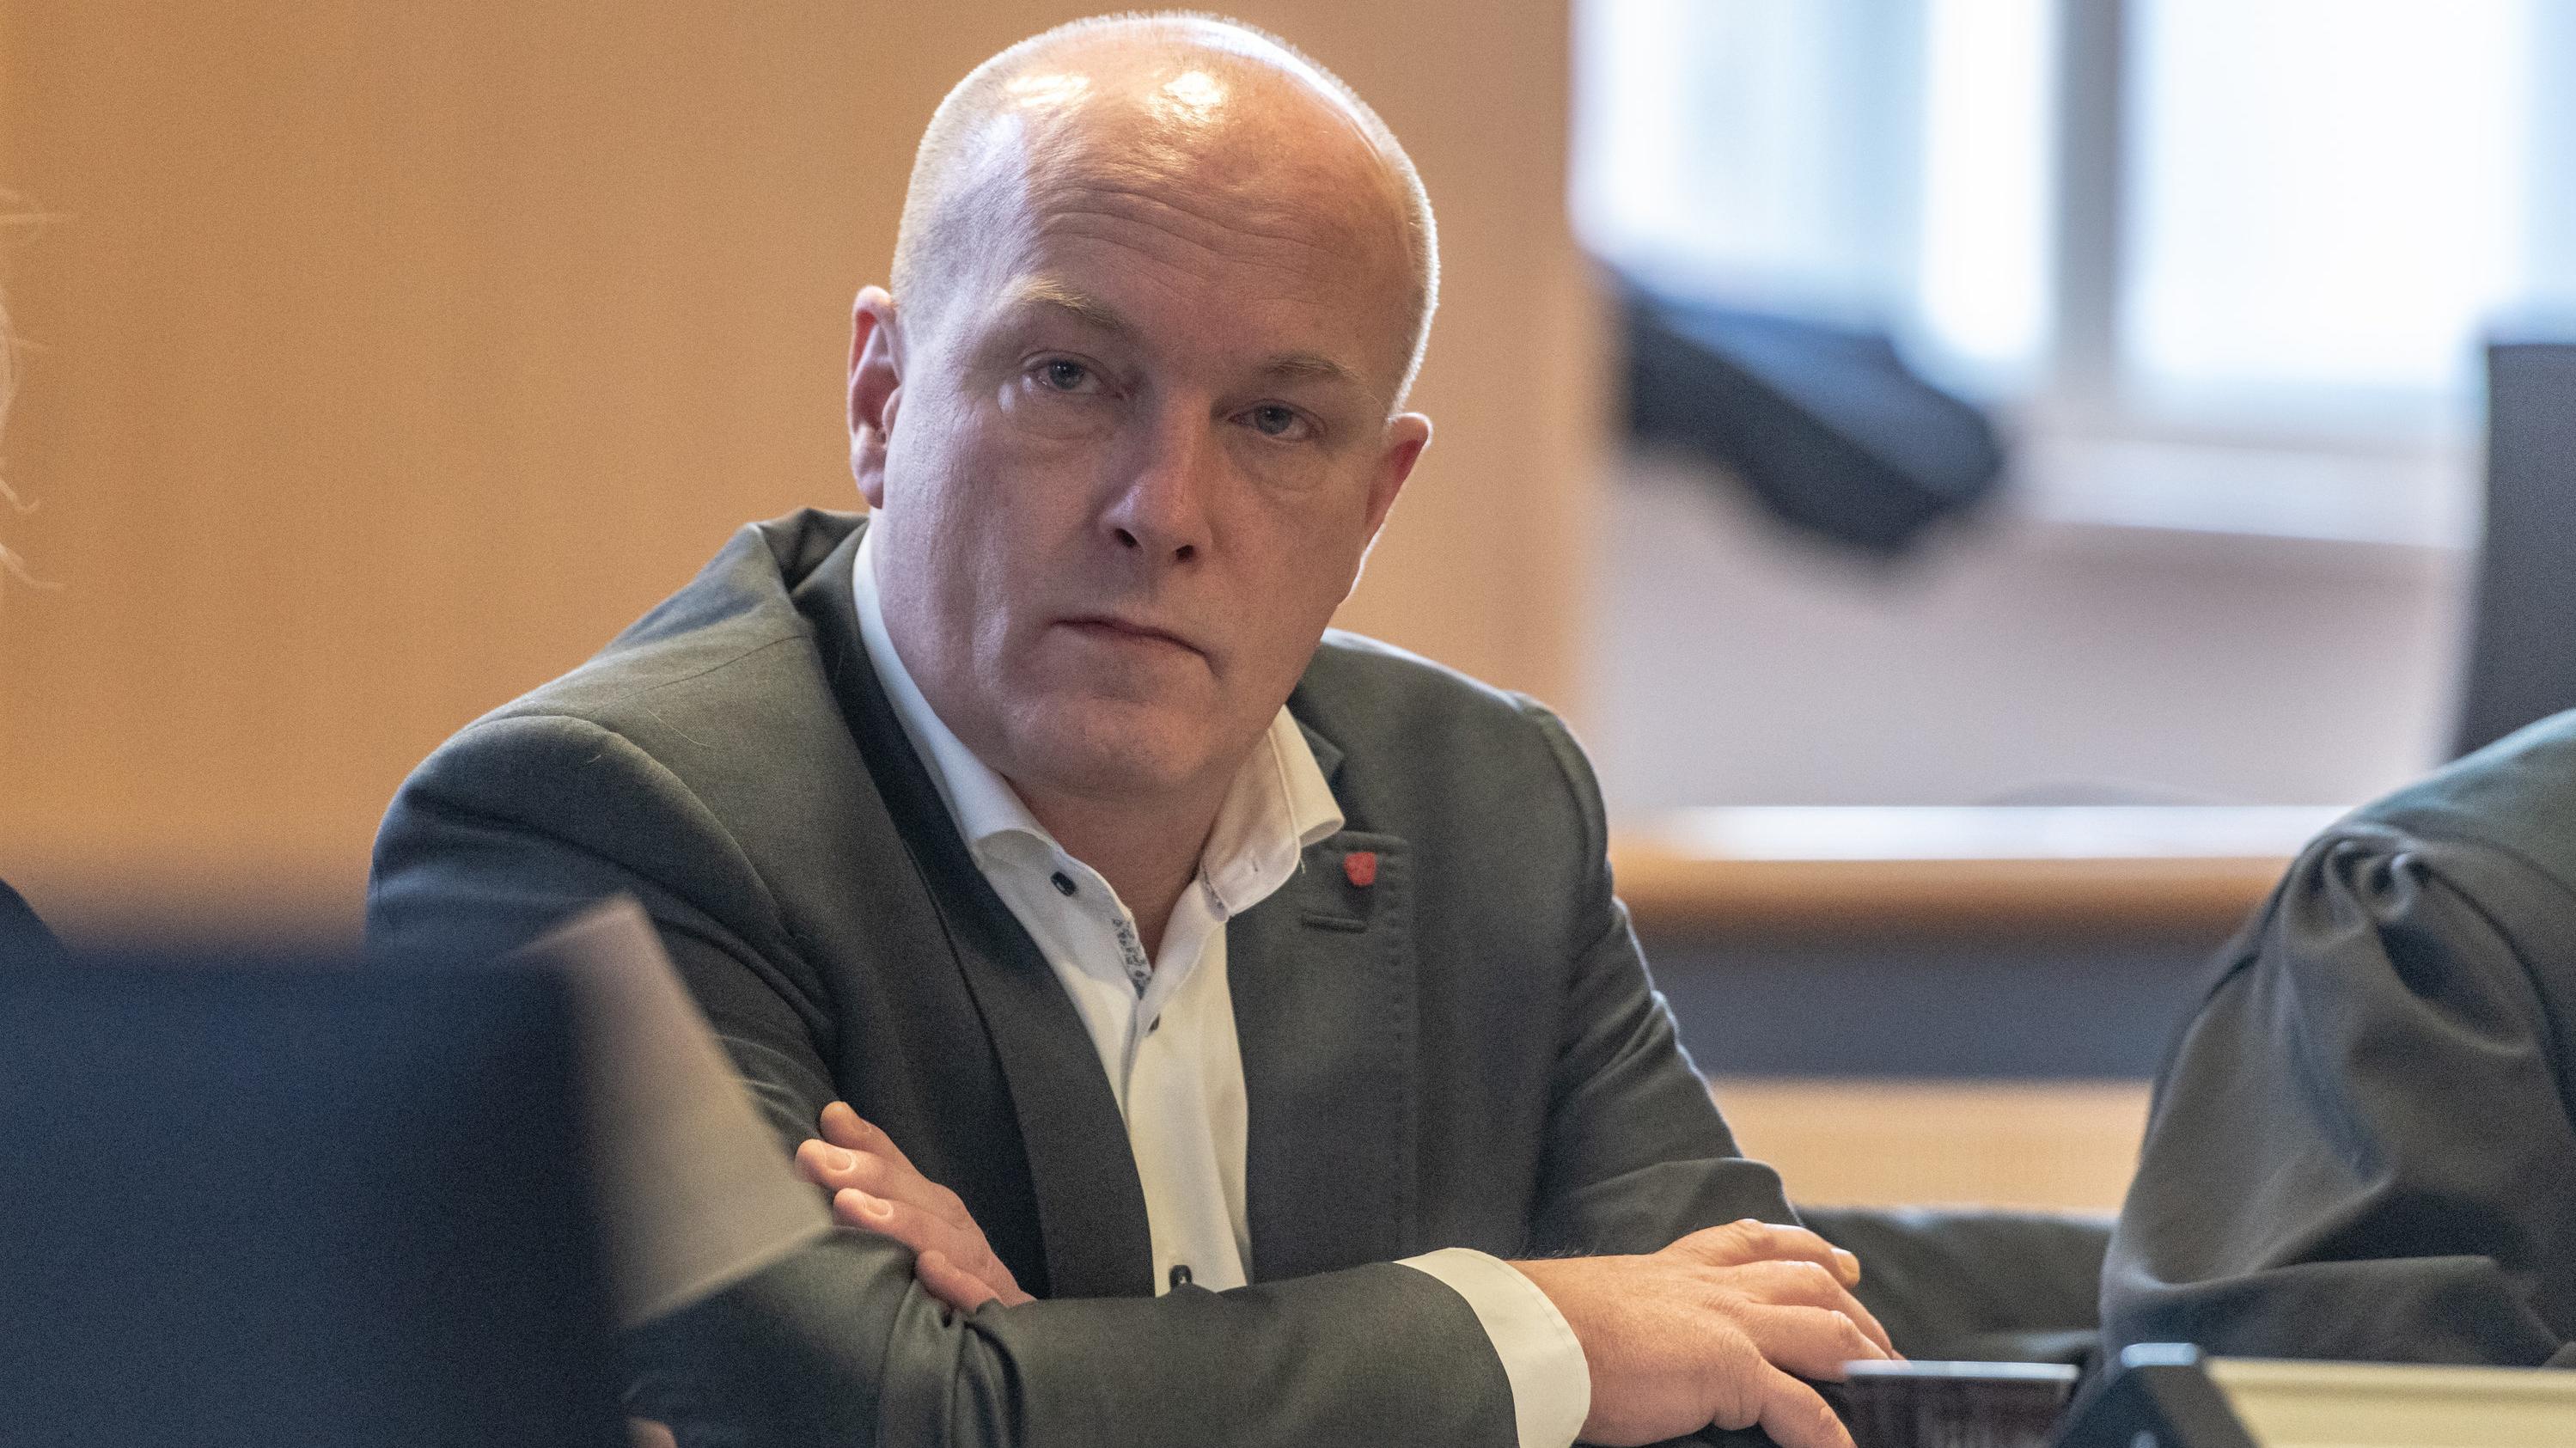 Joachim Wolbergs im Gerichtssaal